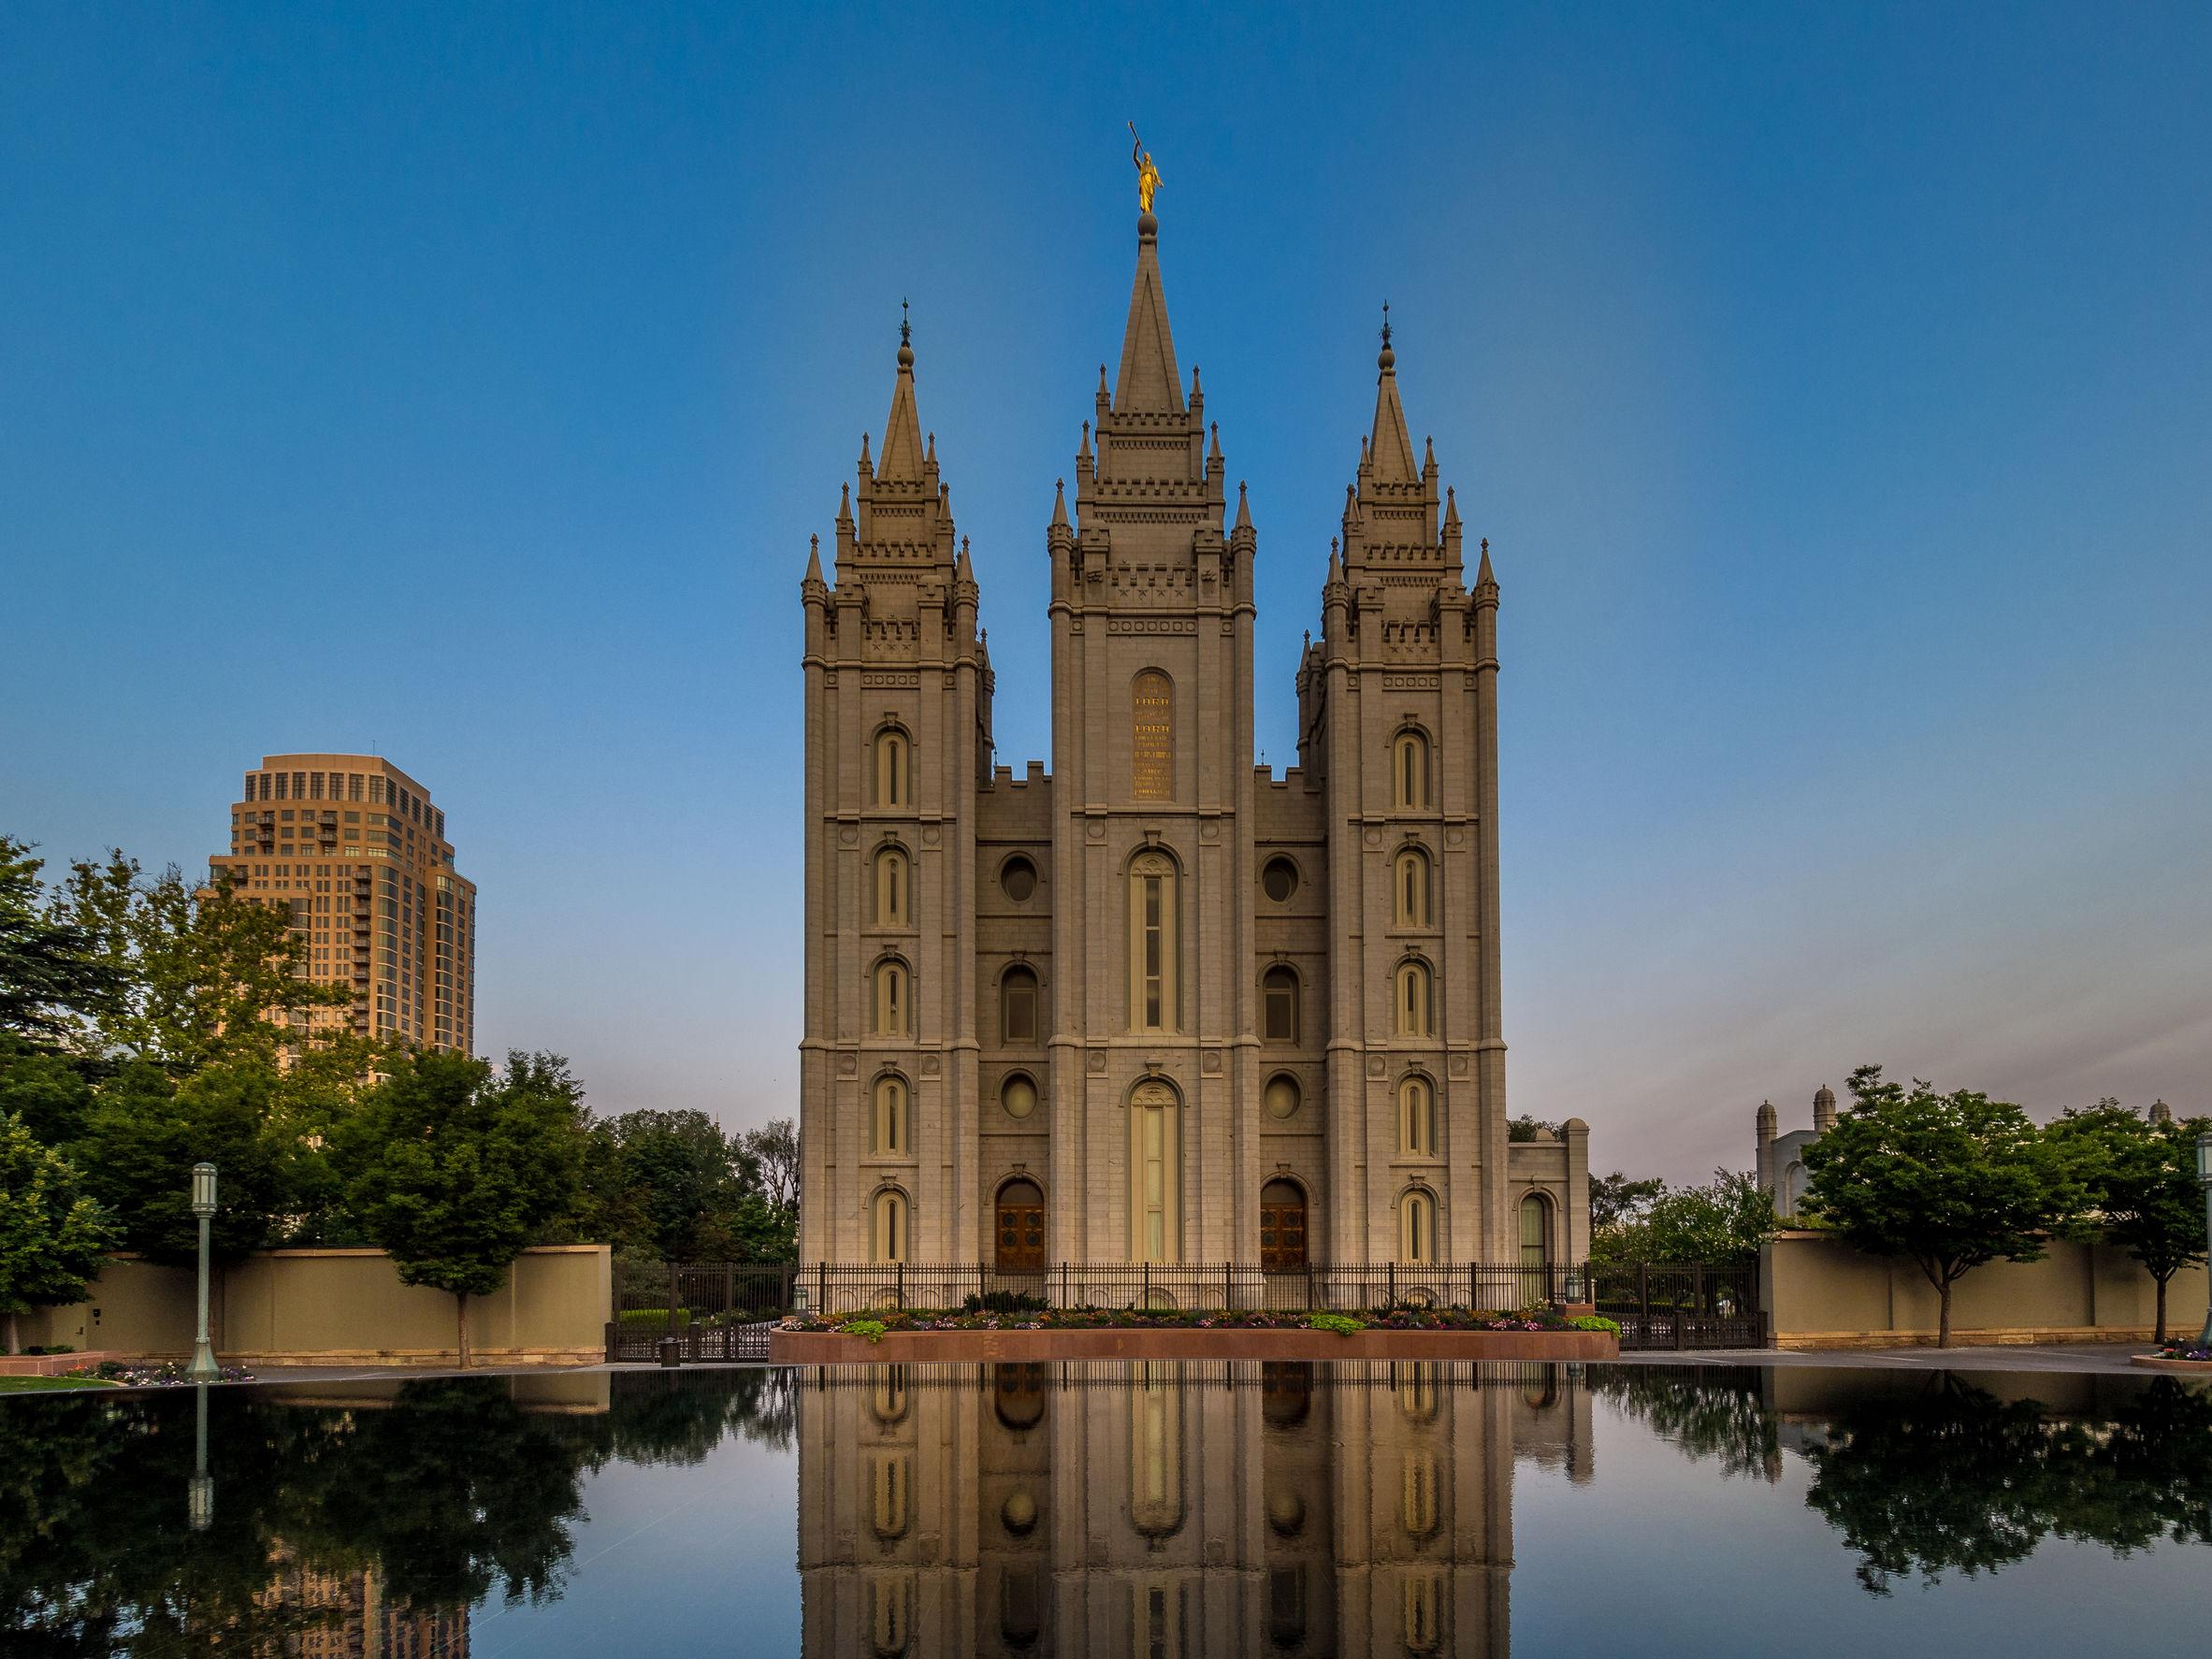 Mormon Temple in SLC